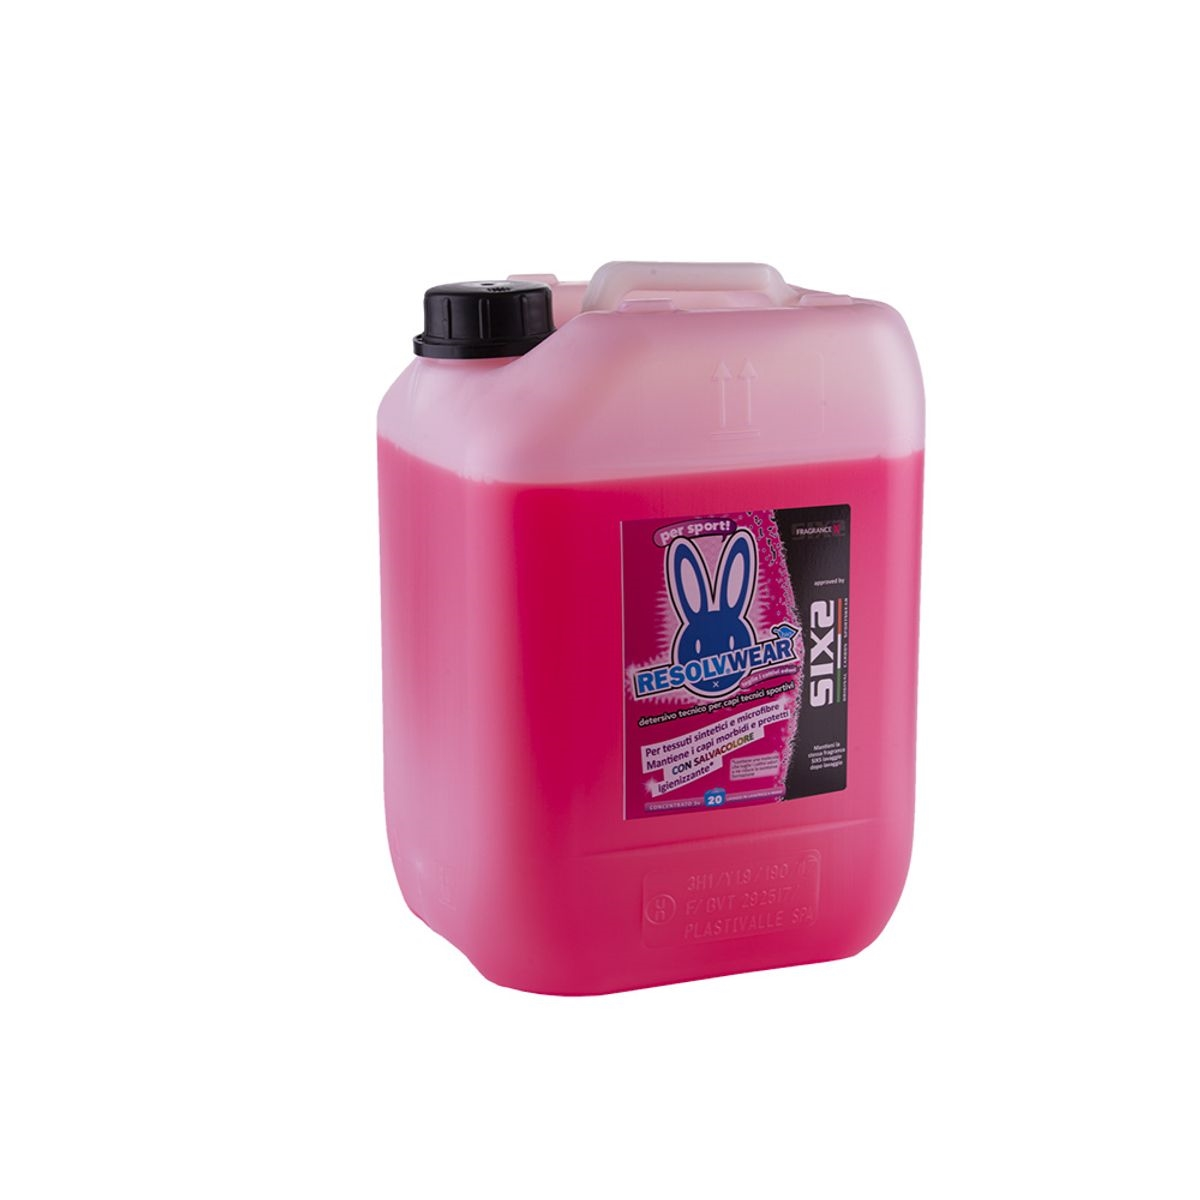 Fragrance X ResolvWear Detergent For Technical Sportswear 20L